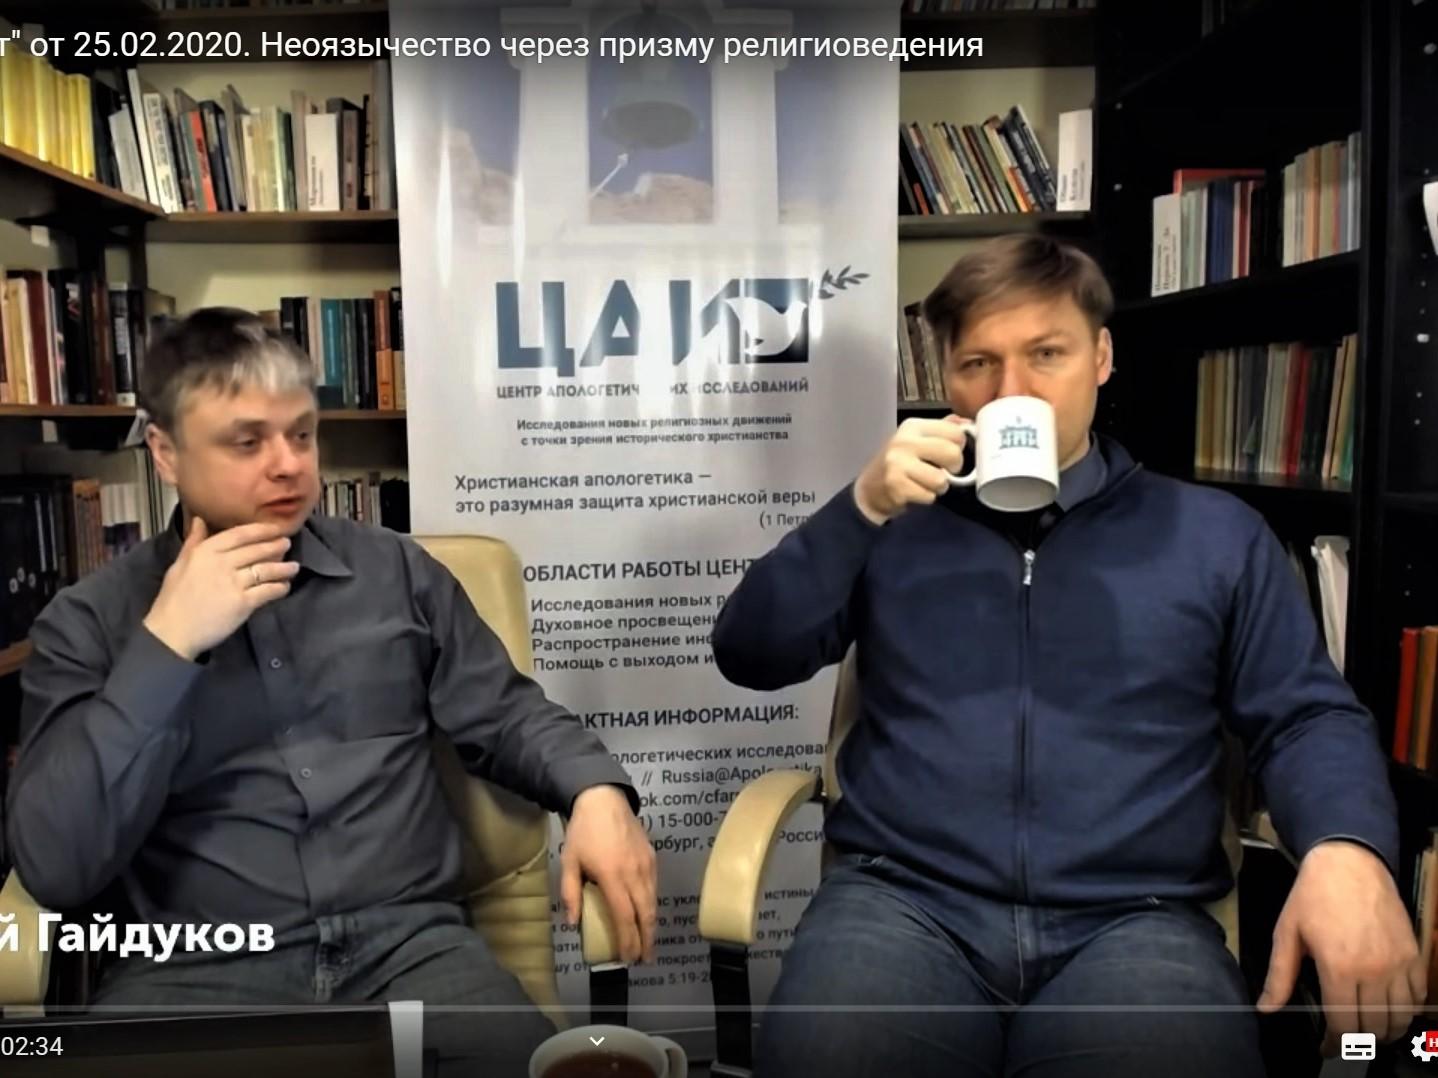 А. Гайдуков и П. Столяров,  «Неоязычество через призму религиоведения», программа «Аргумент» Центра апологетических исследований, 25.02.2020